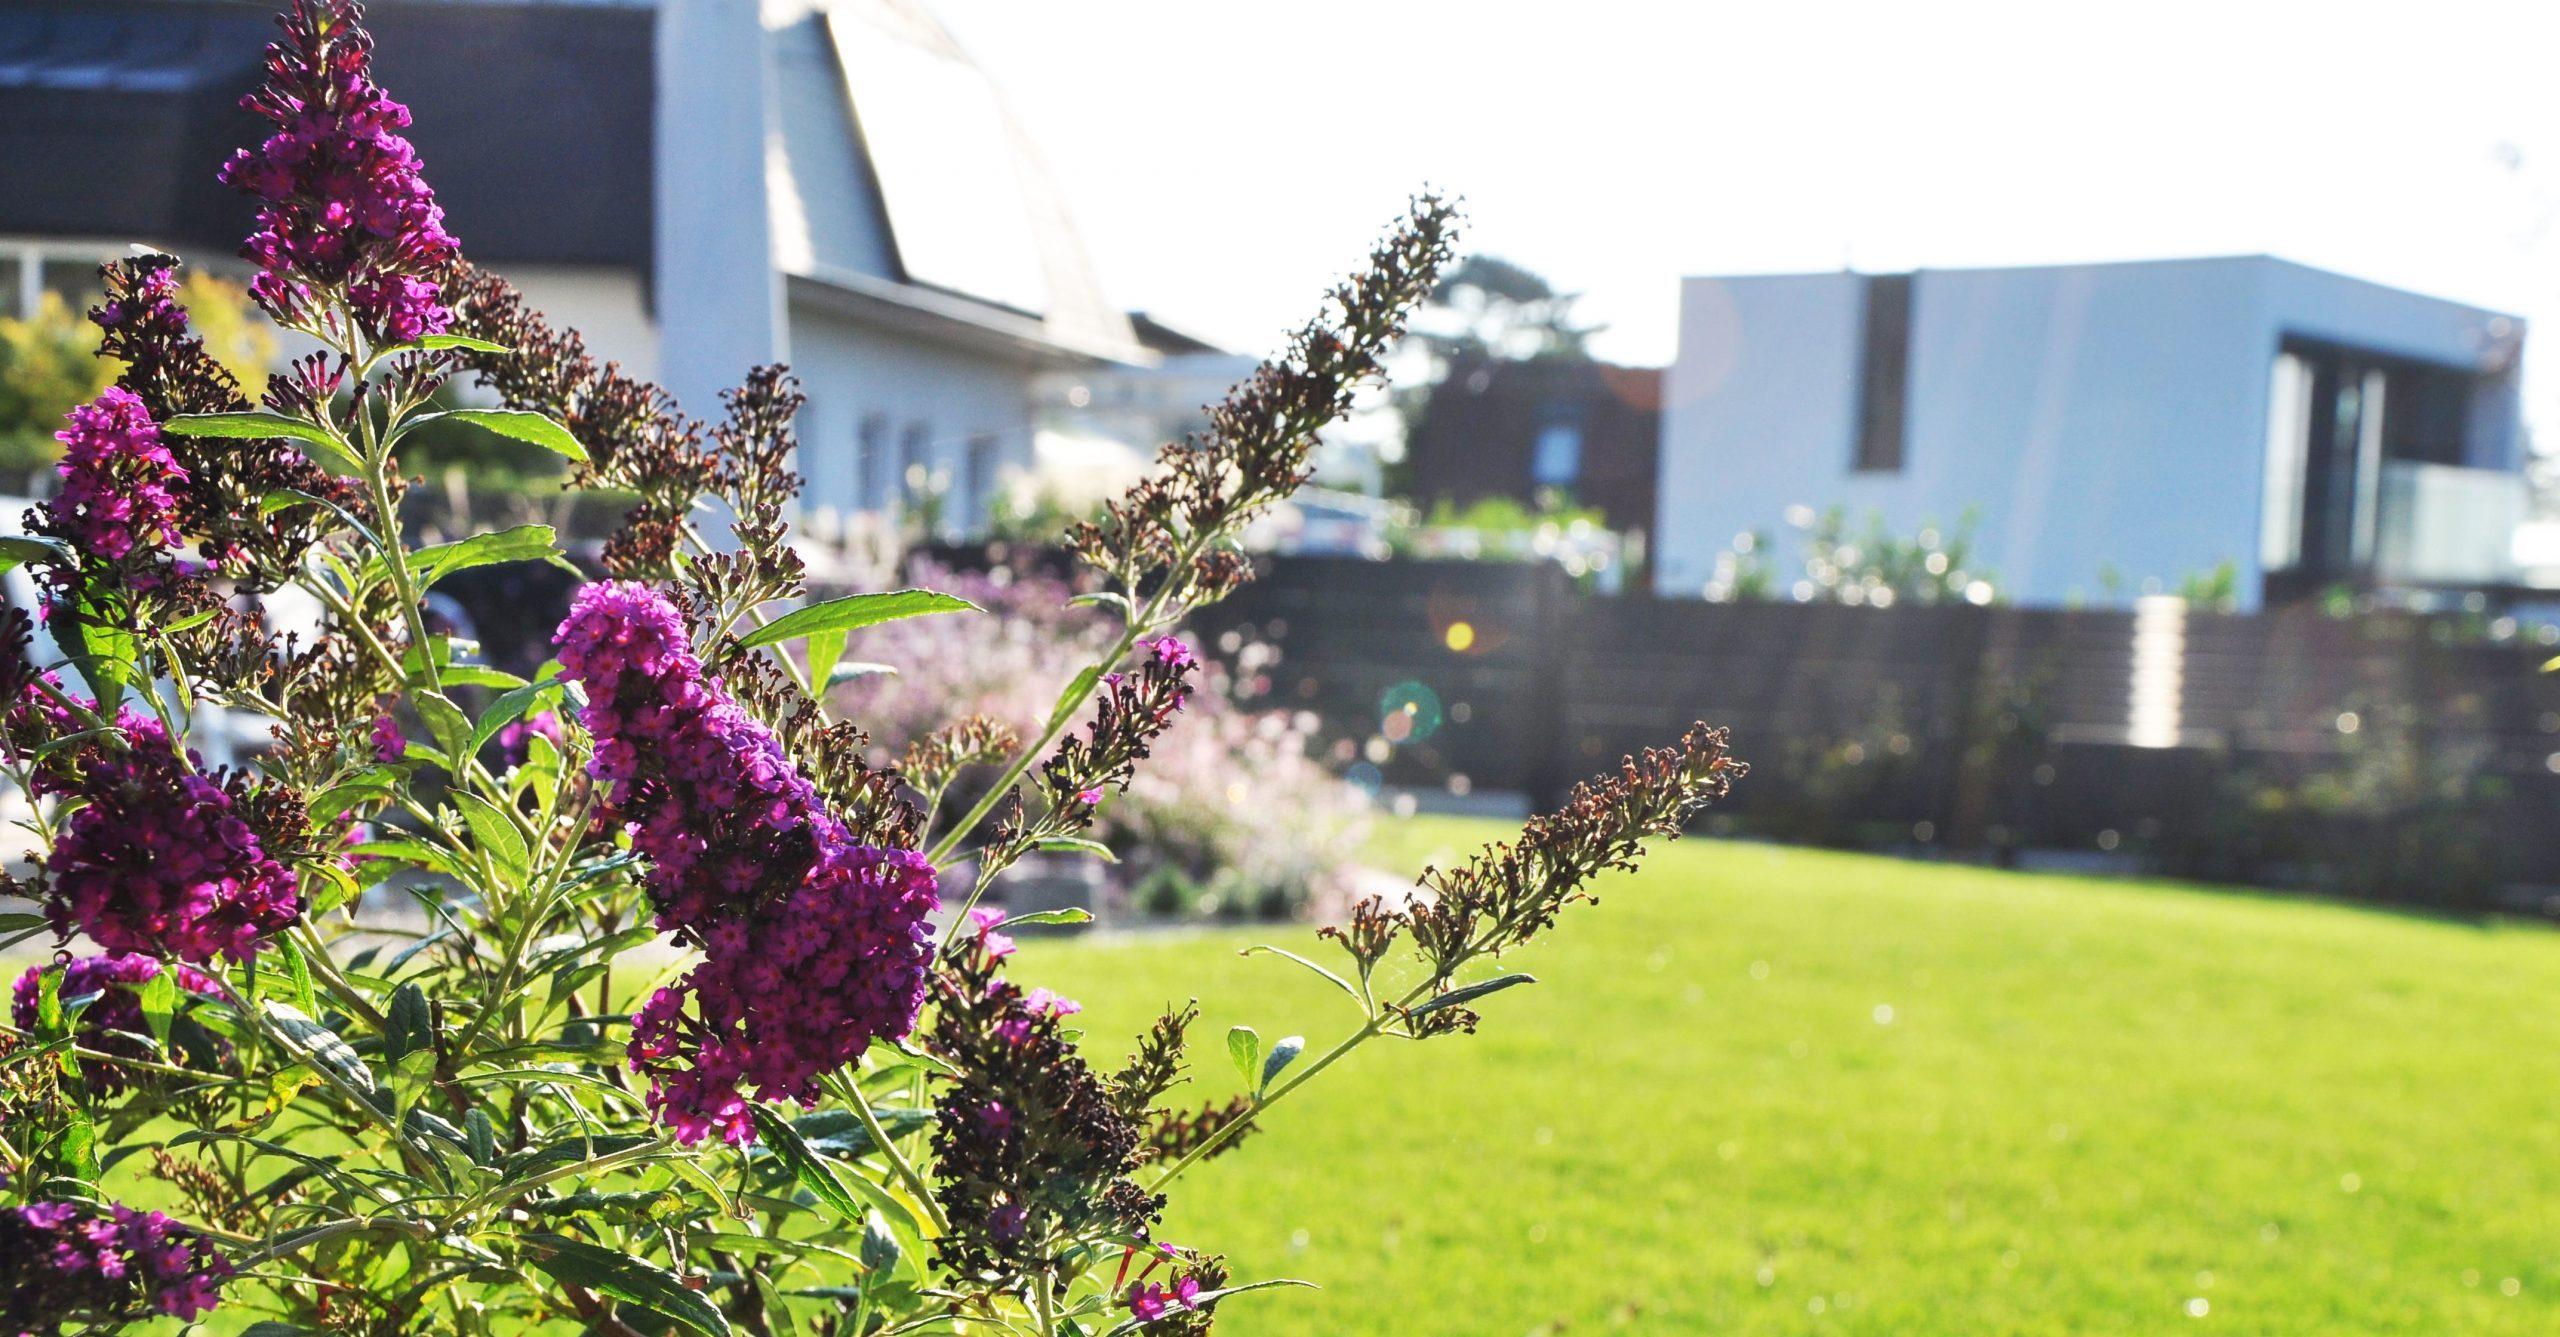 Blumen im Garten von gartencraft